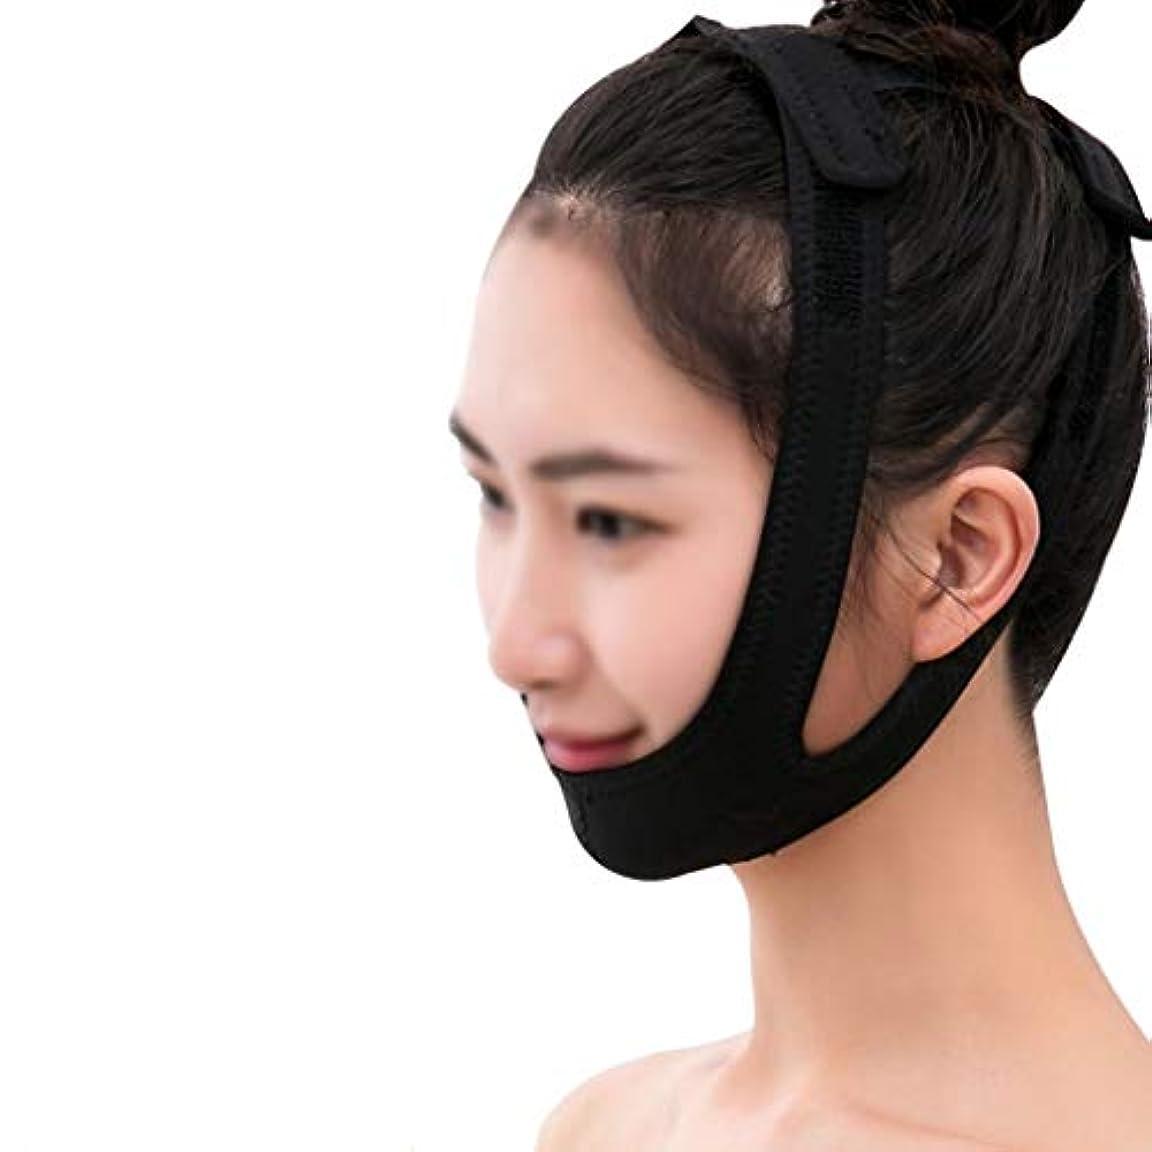 シルクいつか法廷フェイシャルリフティングマスク、医療用ワイヤーカービングリカバリーヘッドギアVフェイスバンデージダブルチンフェイスリフトマスクブラック